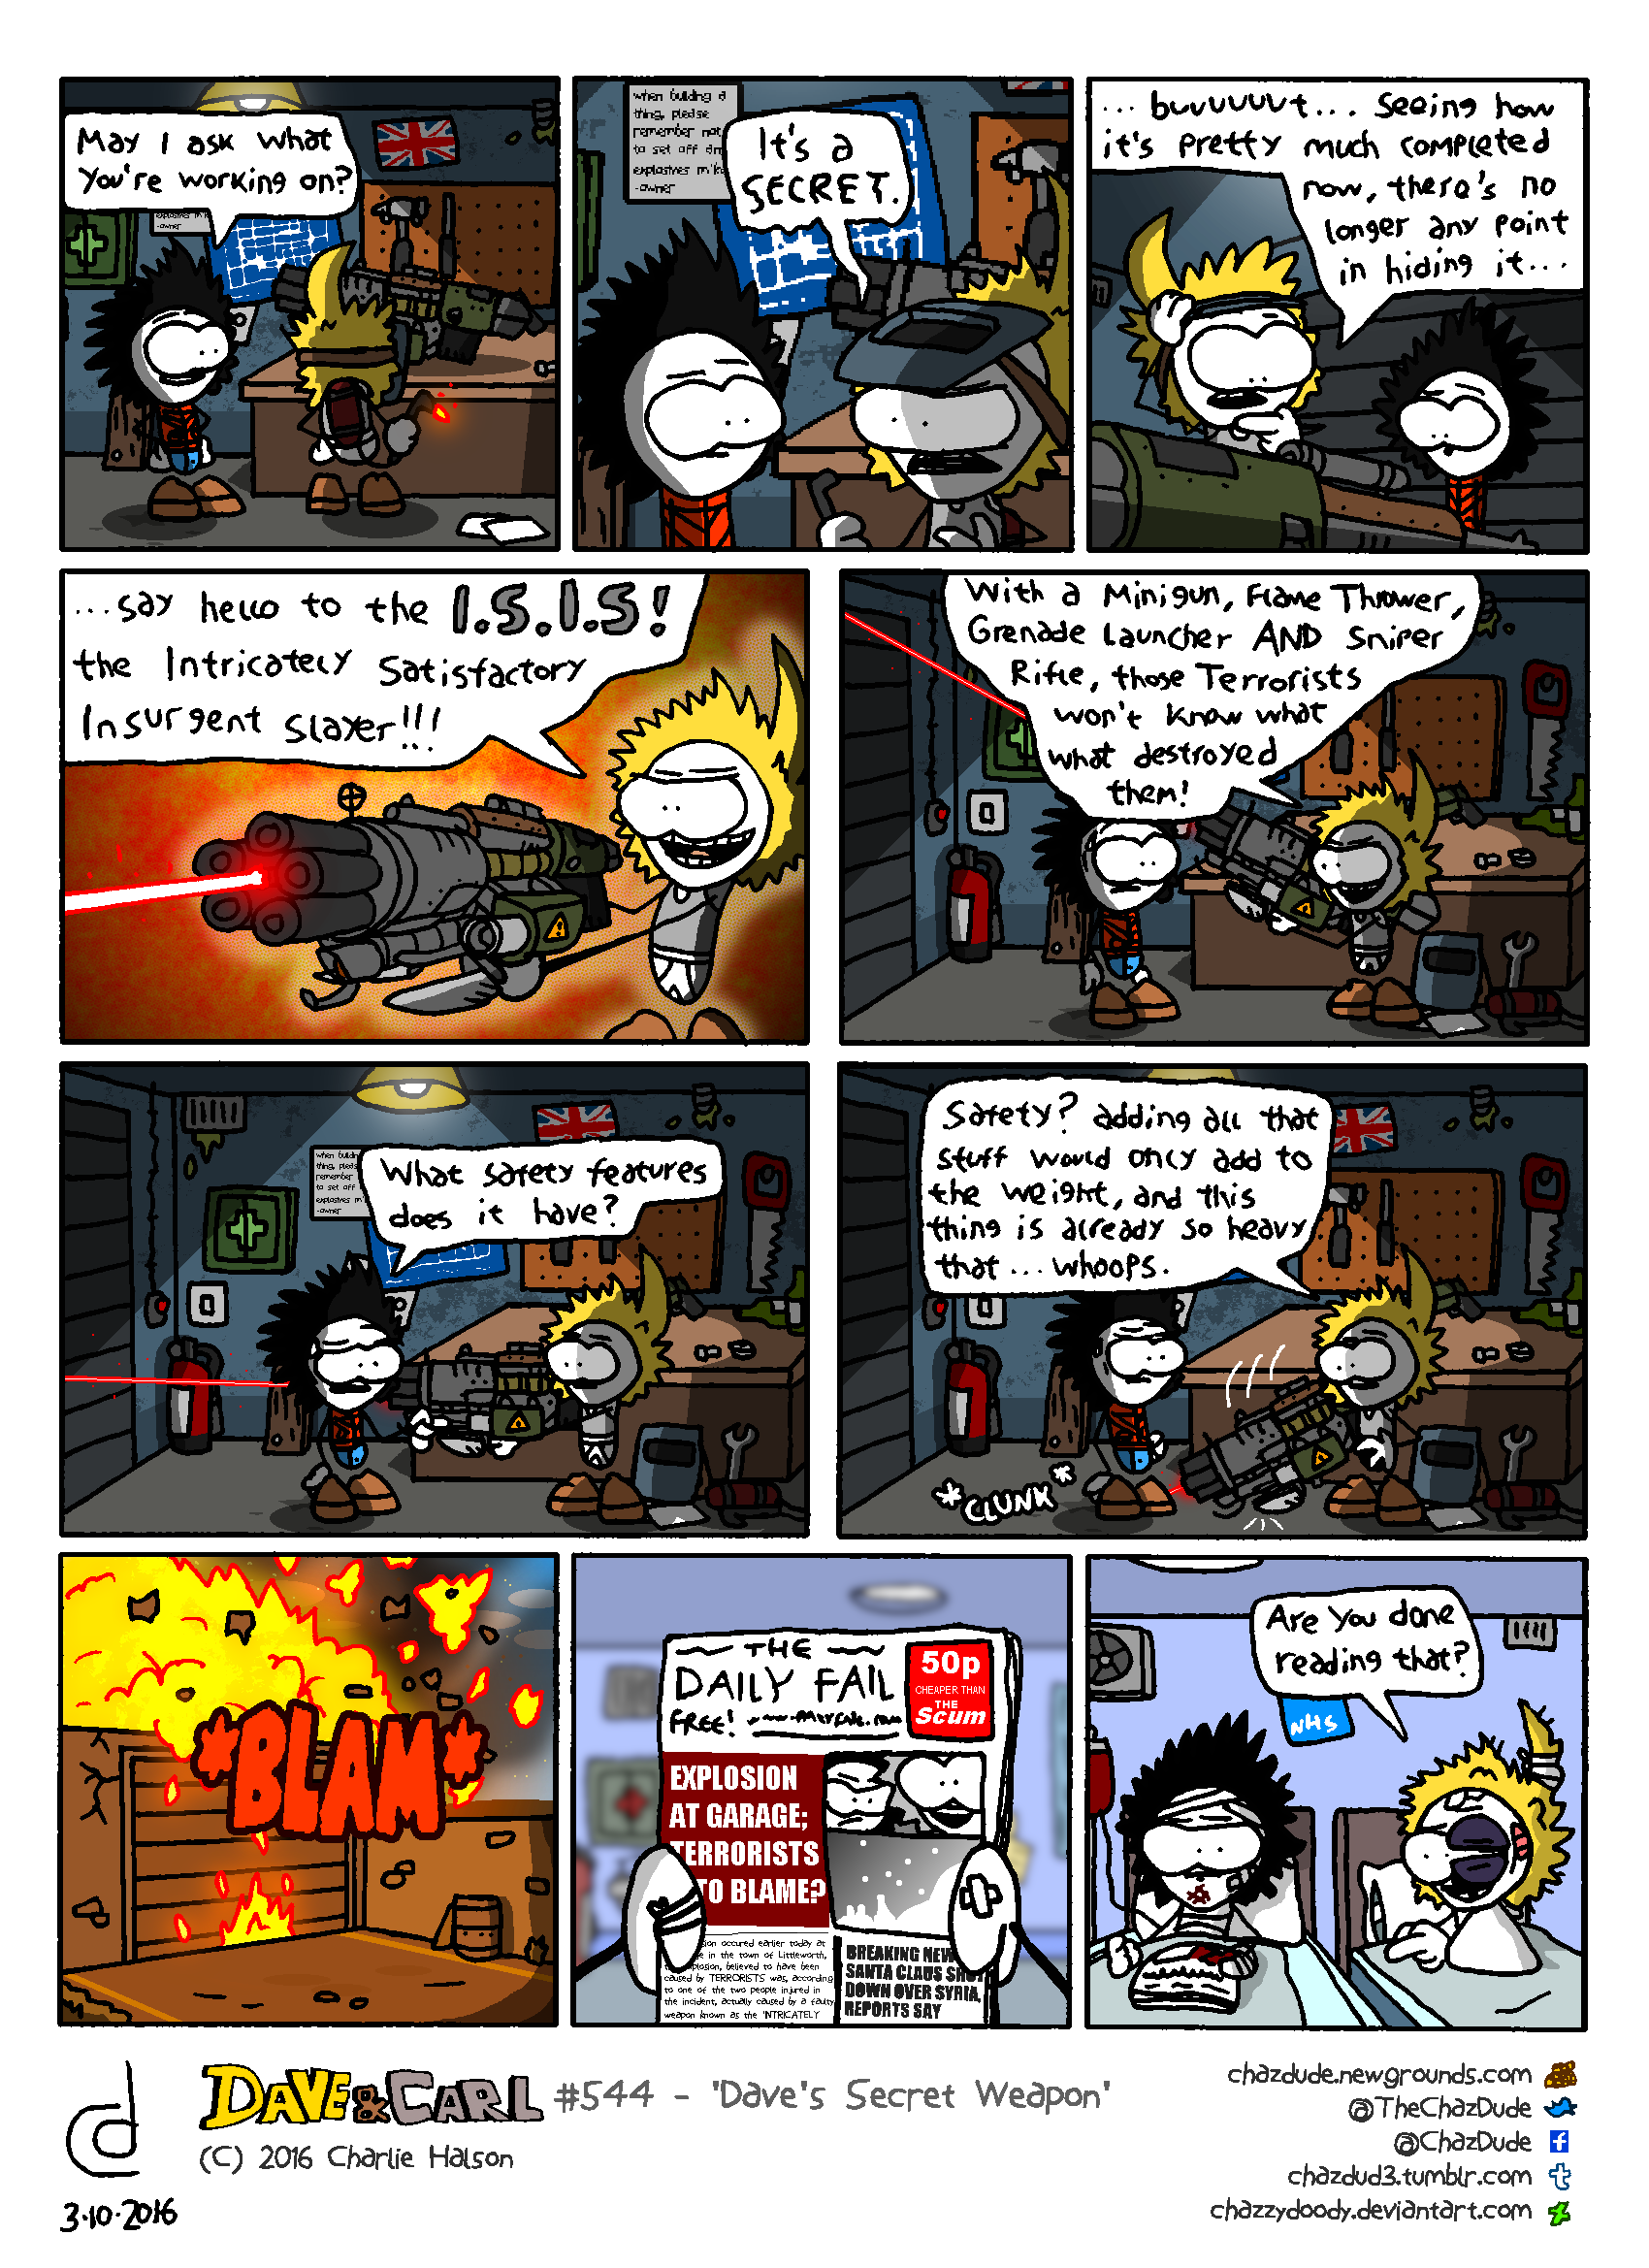 Dave's Secret Weapon